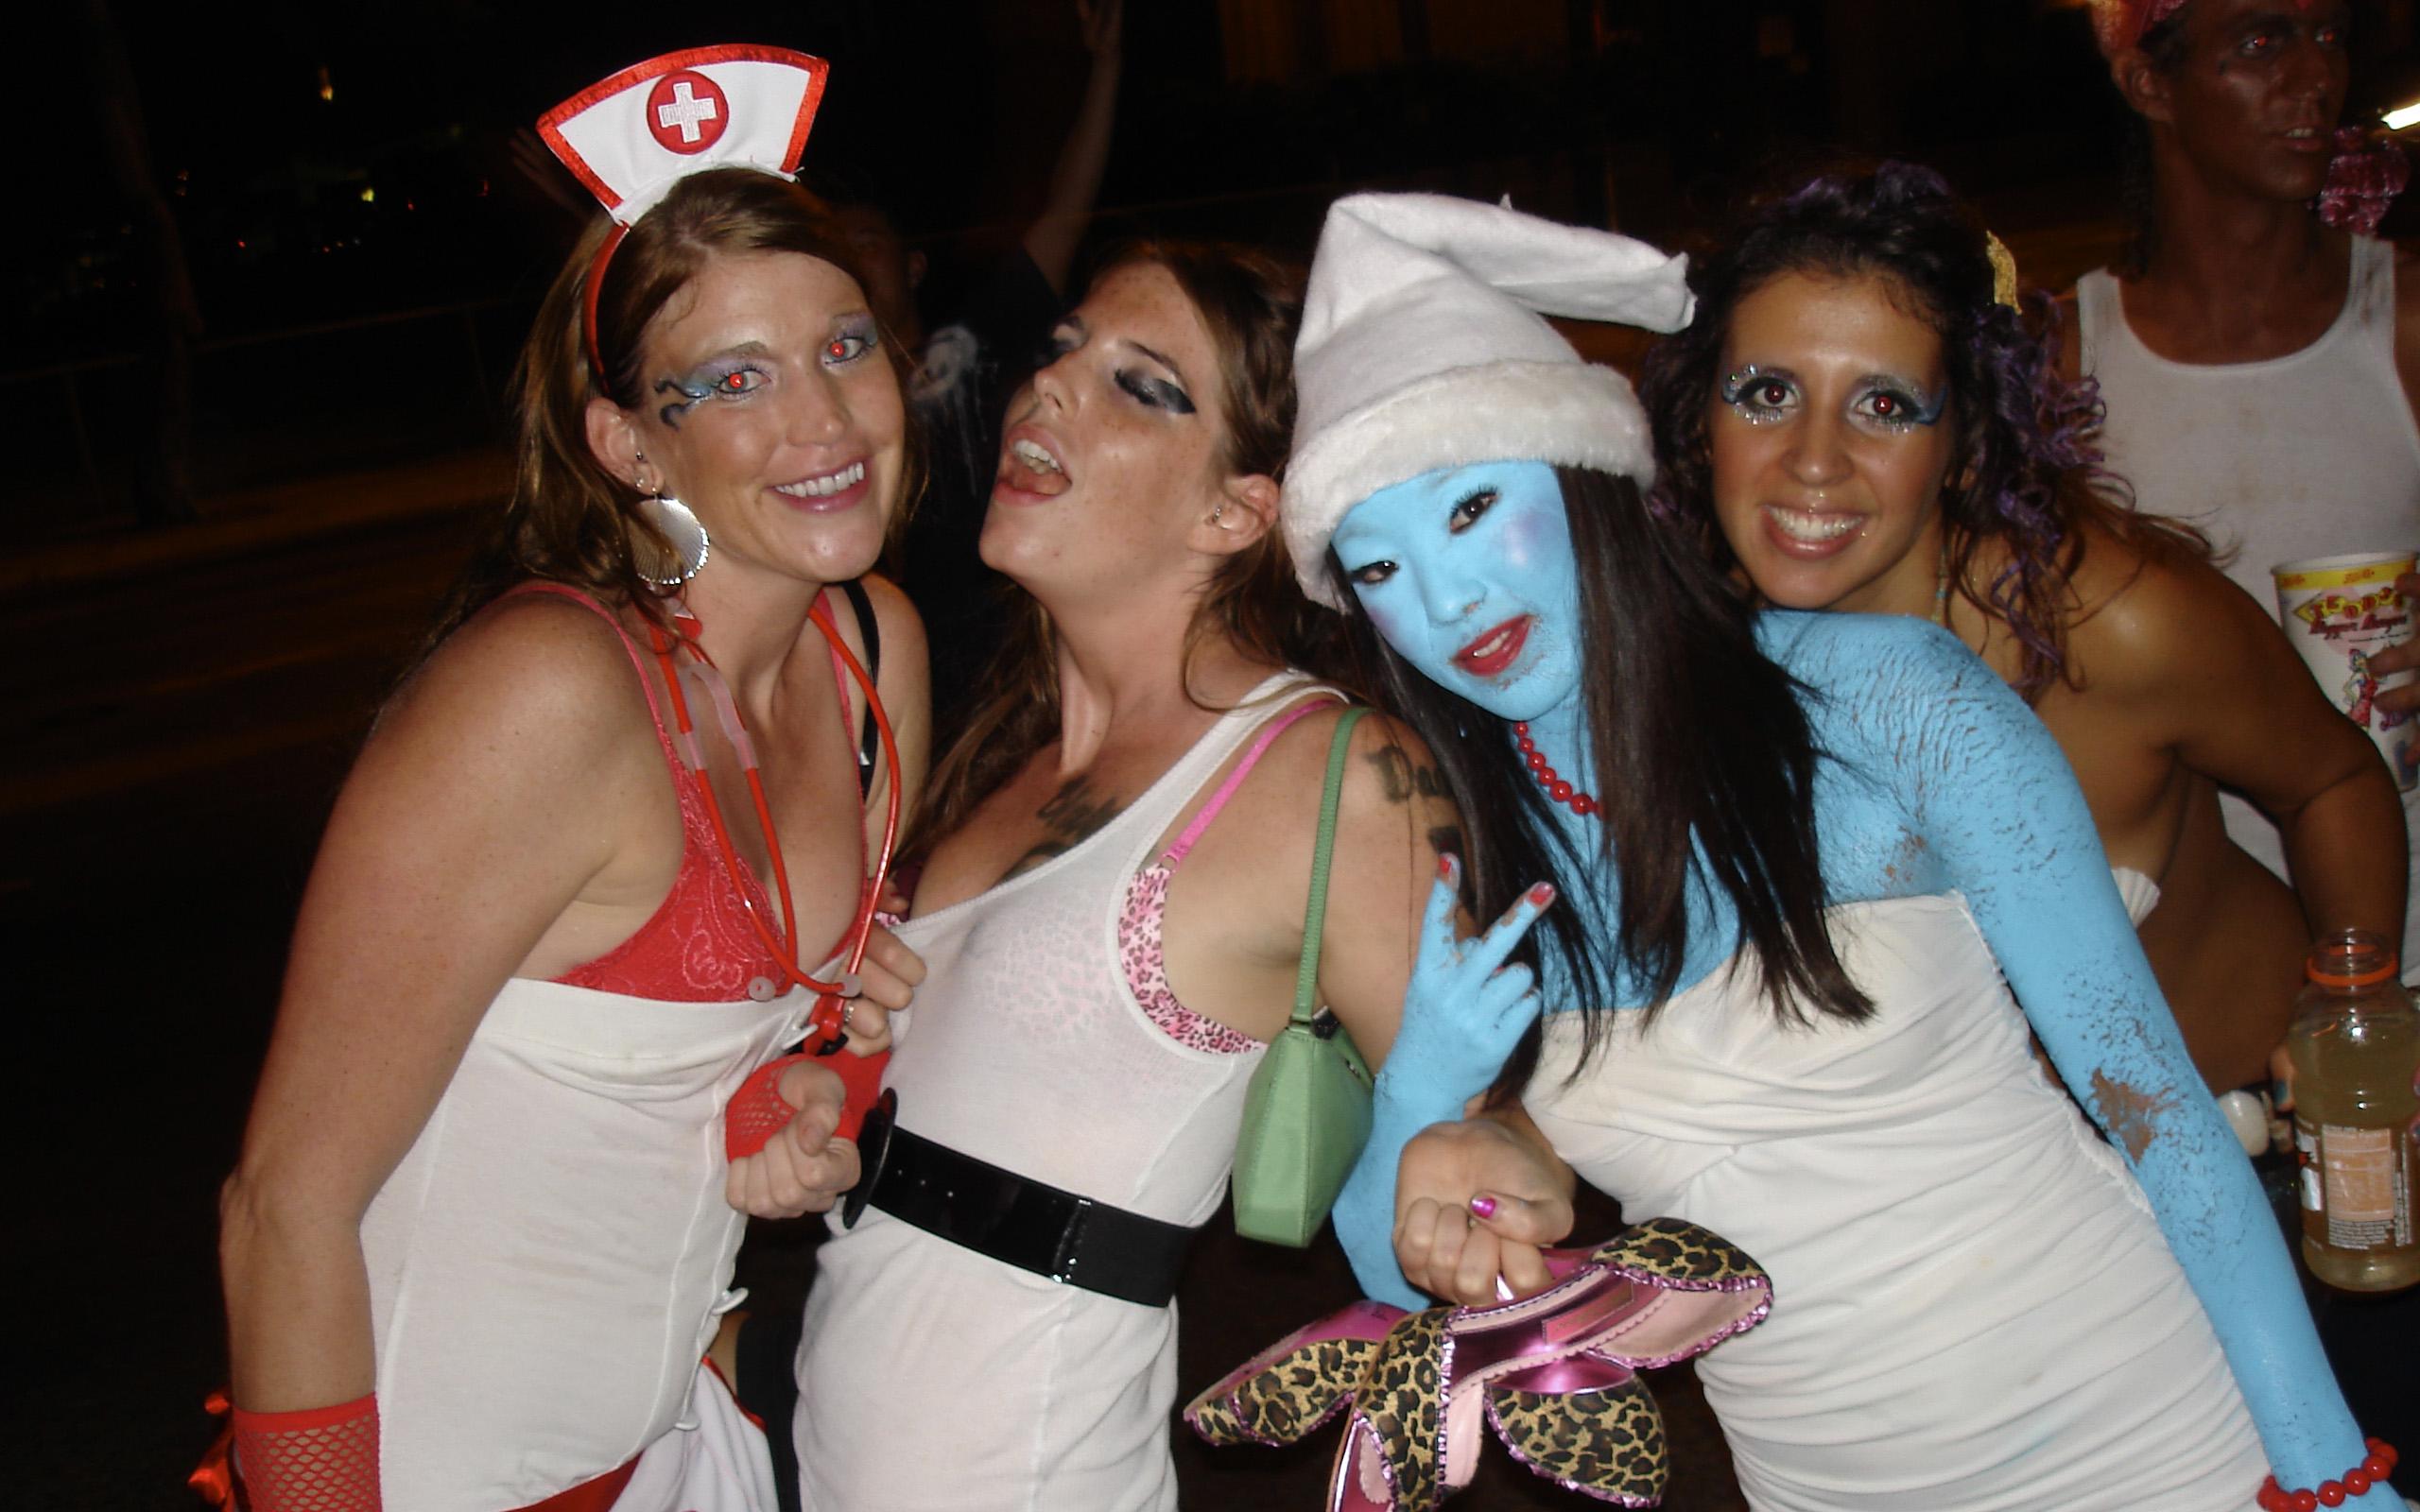 Chicas en fiesta de halloween - 2560x1600